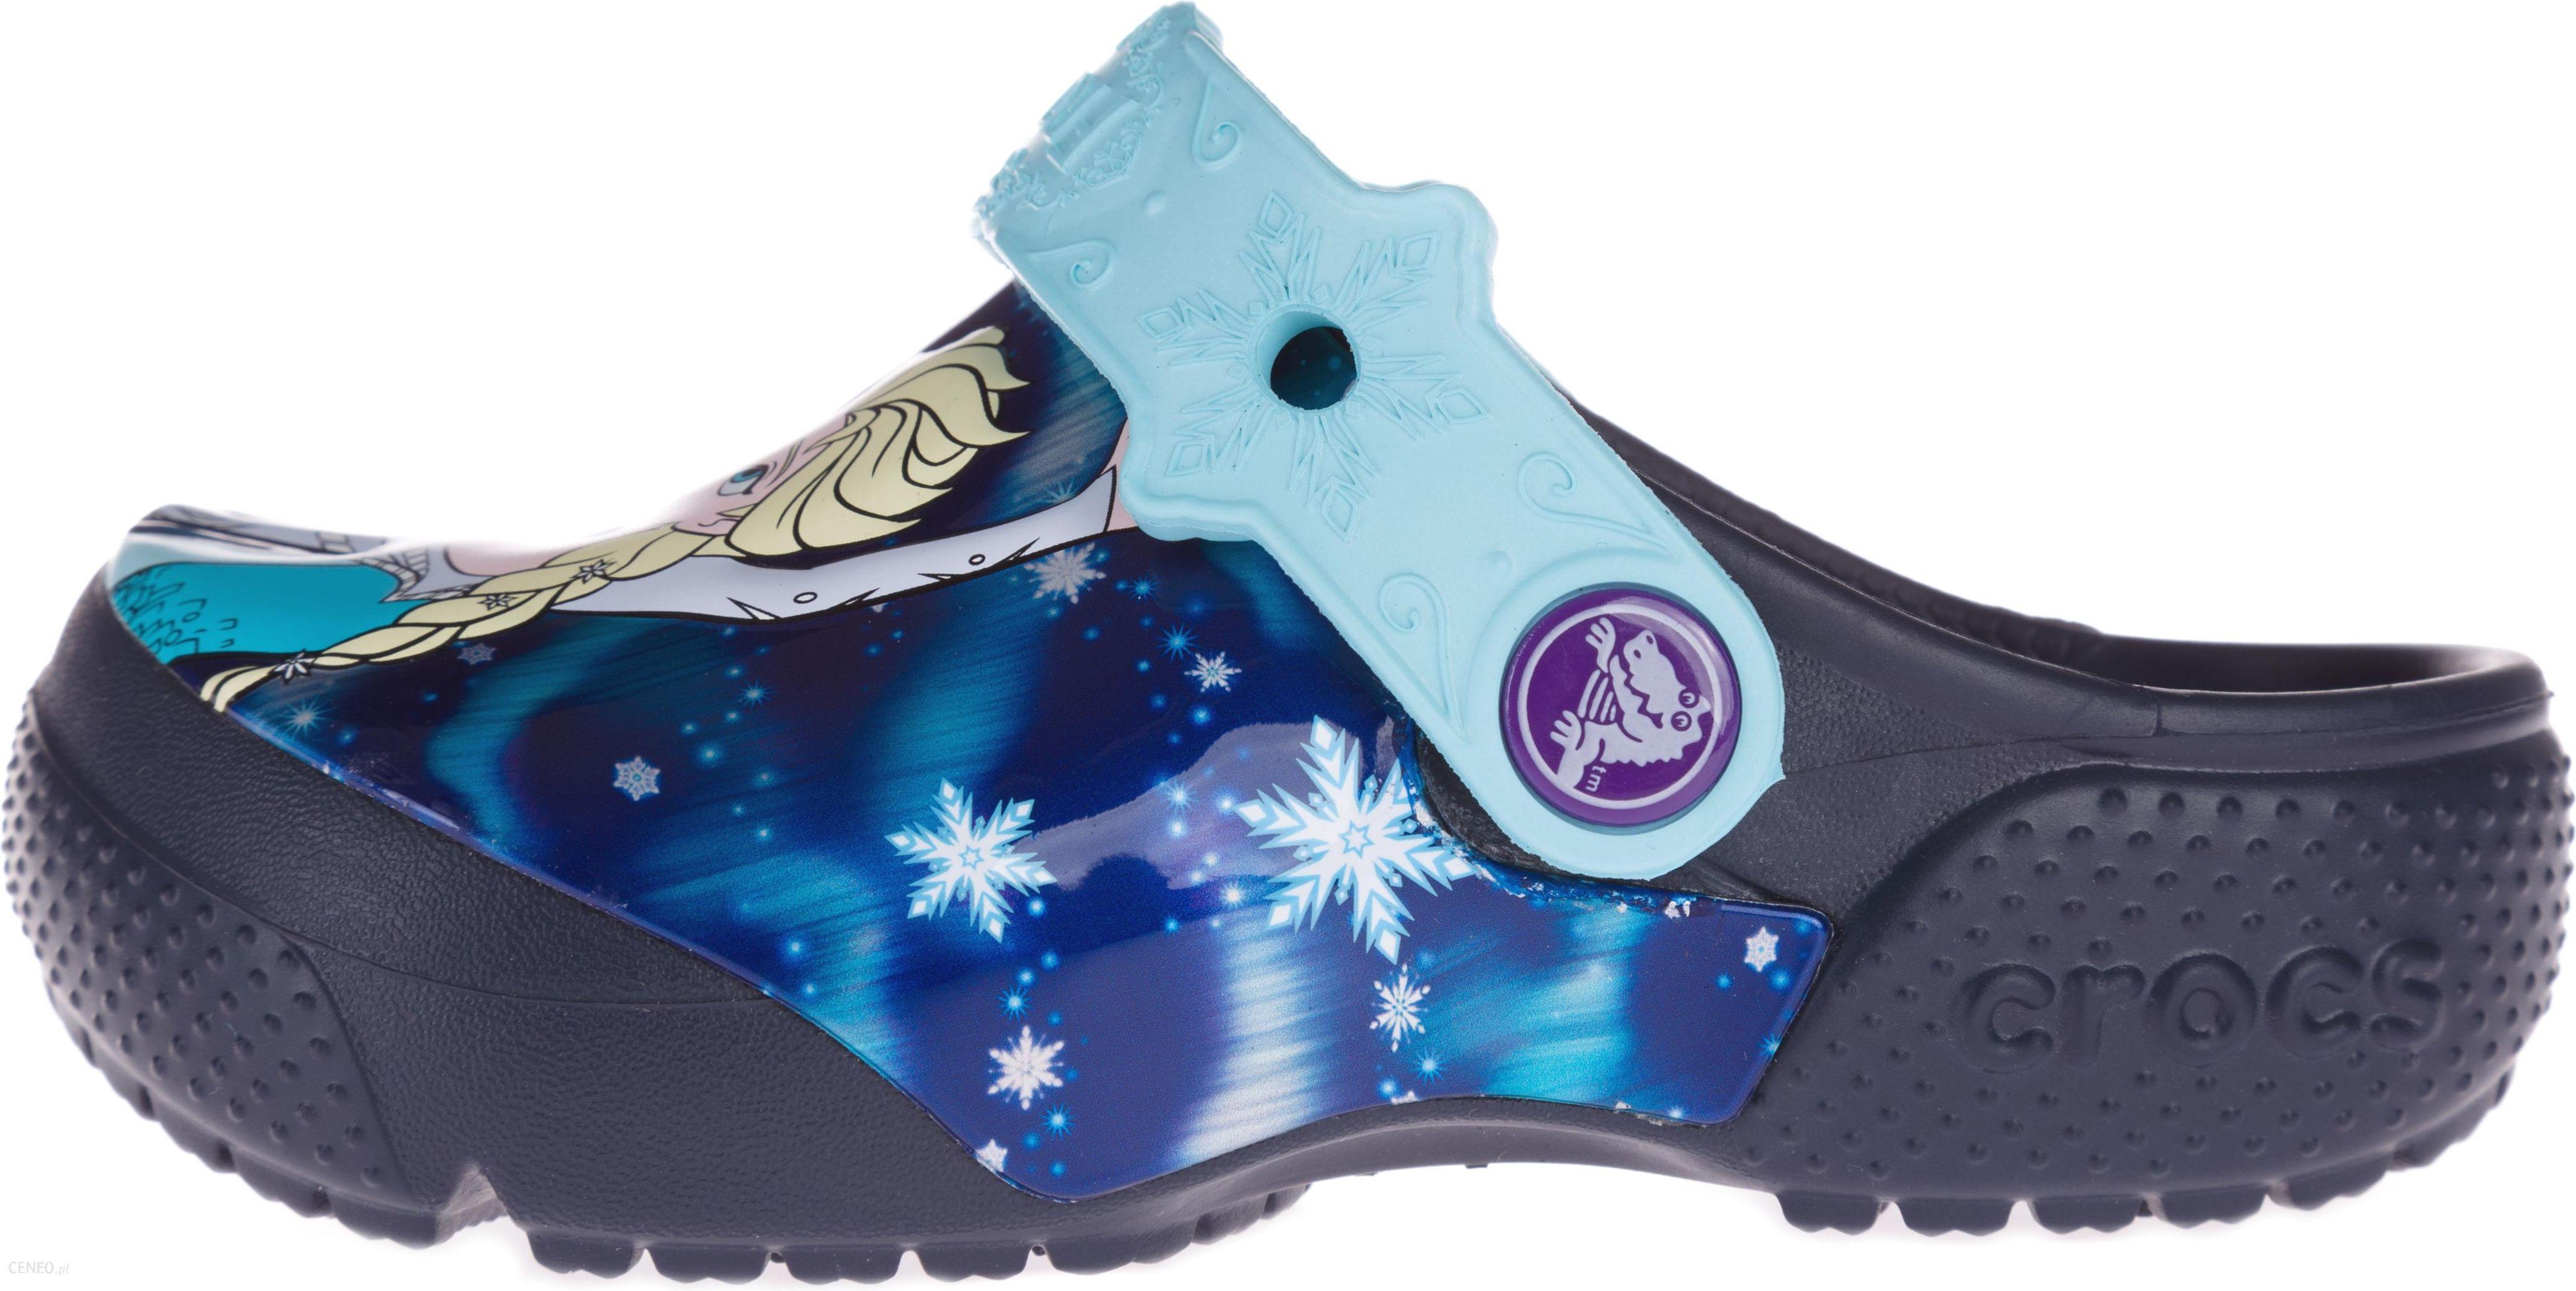 d9cb526fbeb56 Crocs Crocs Fun Lab Frozen™ Crocs Kids Niebieski 27-28 - Ceny i ...